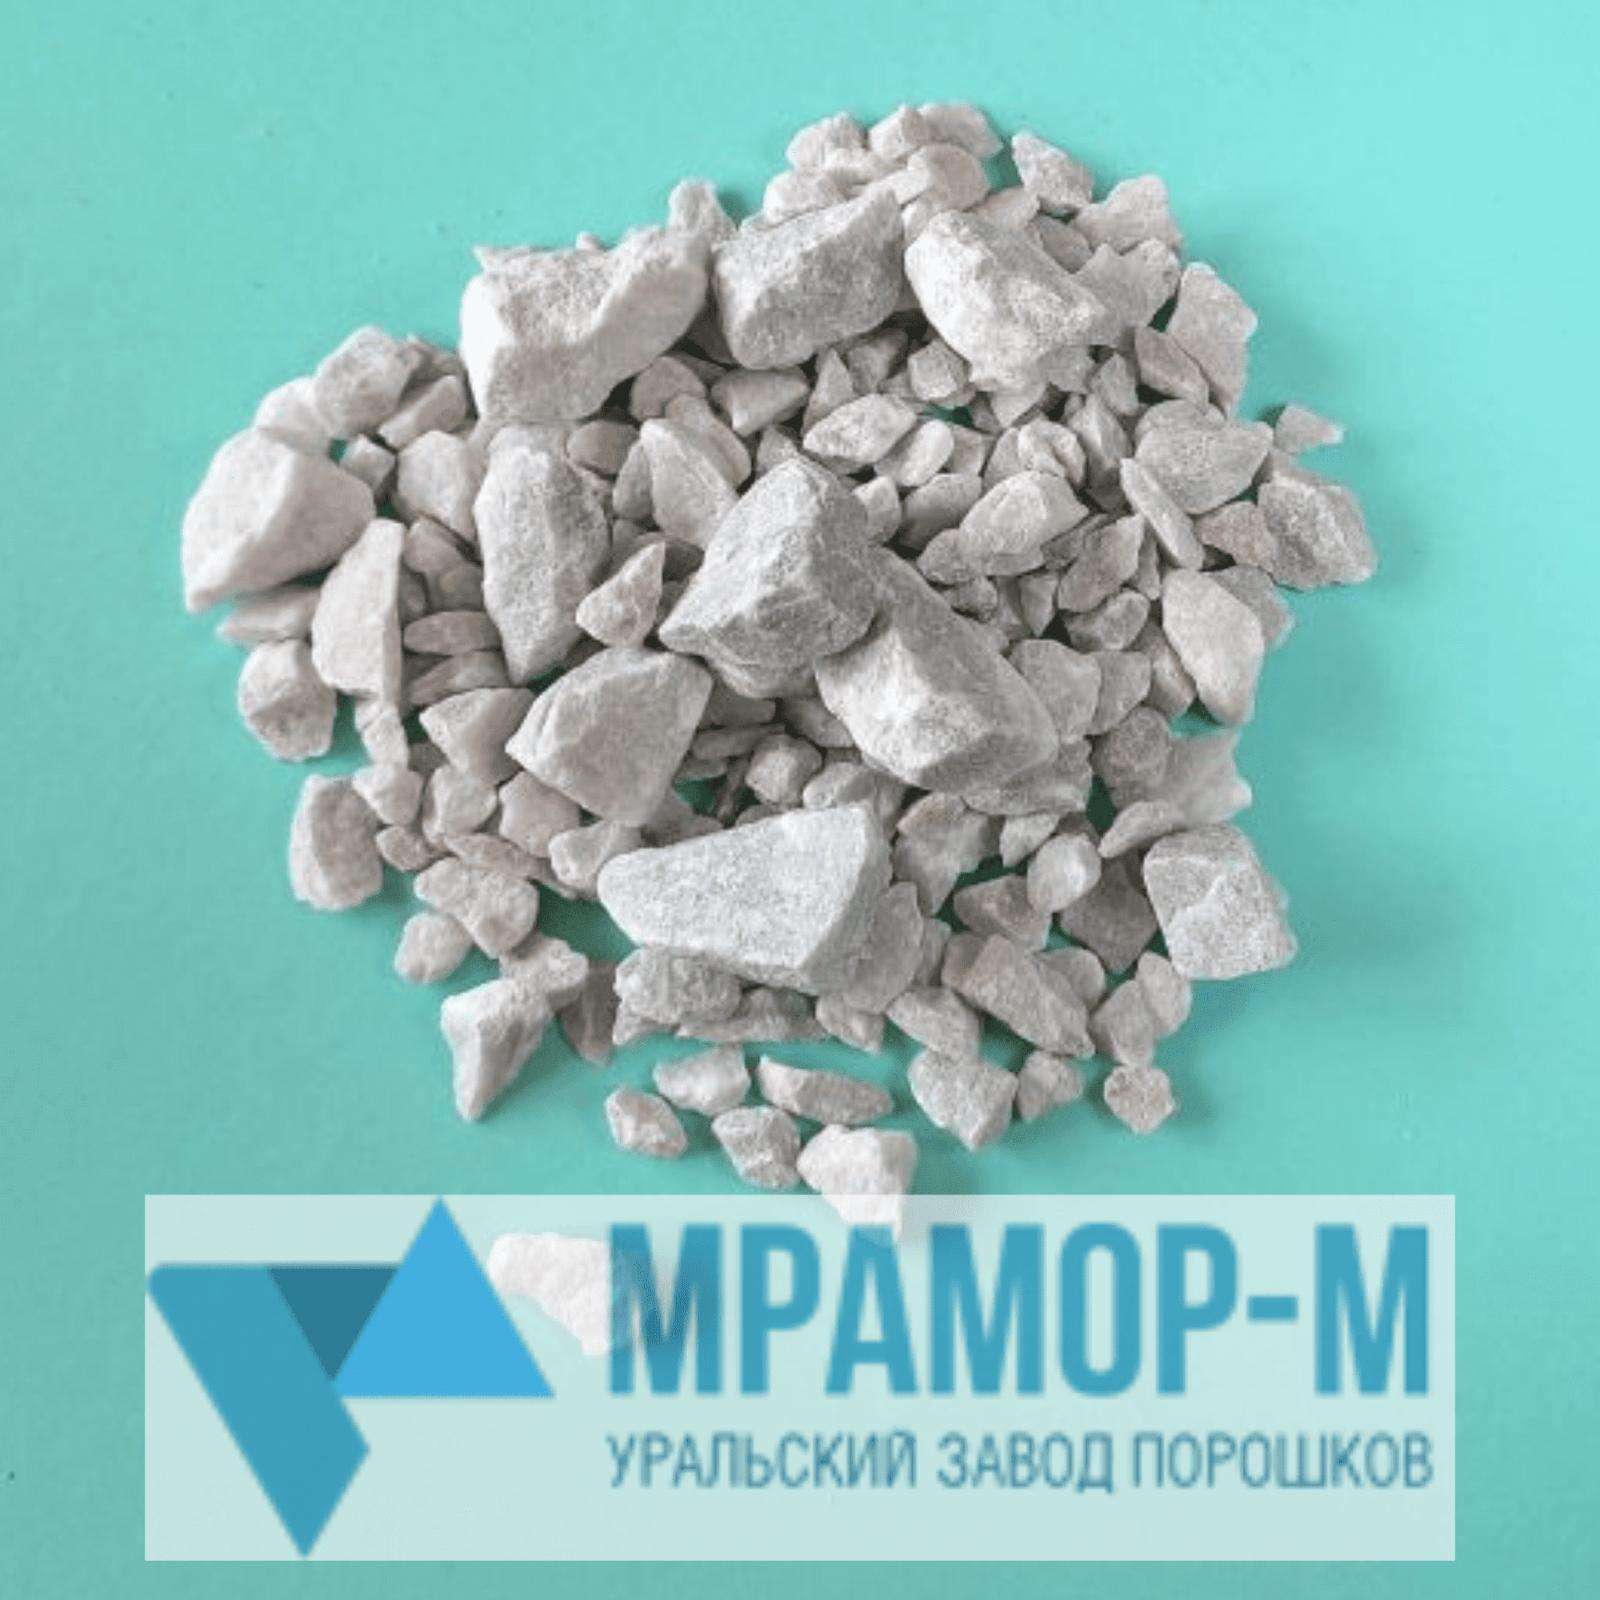 щебень мраморный серый 5-20 мм